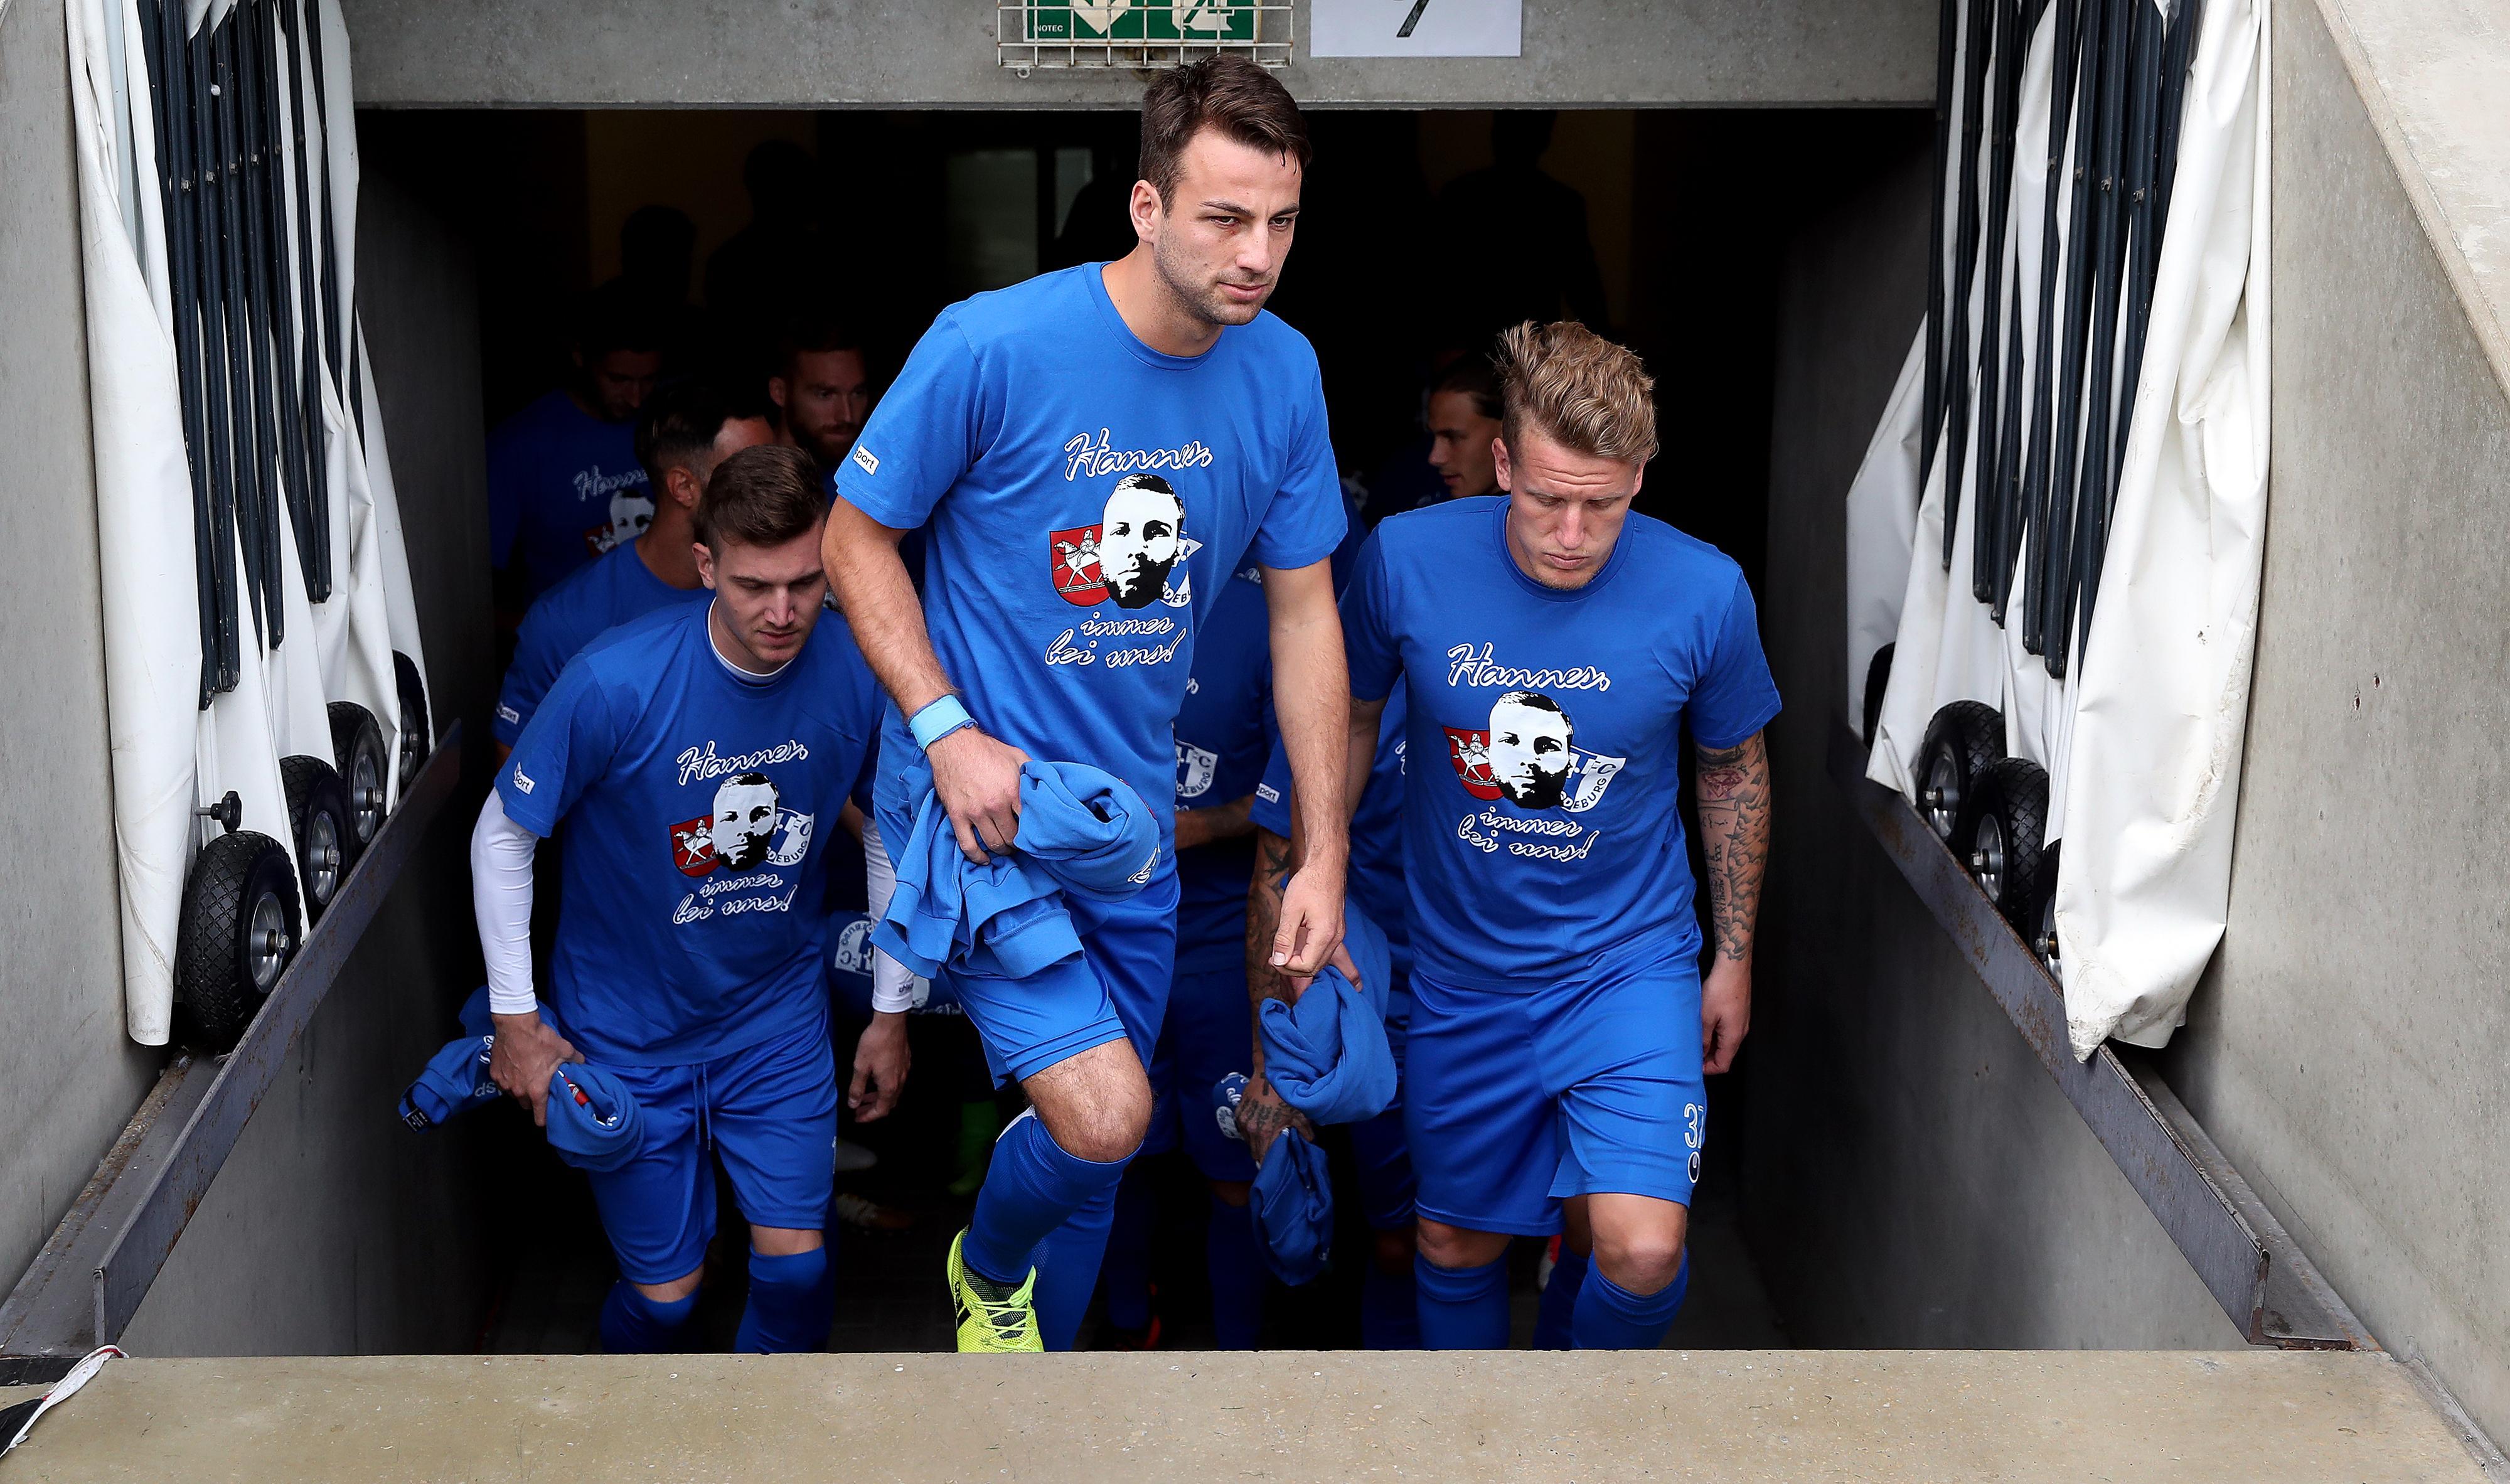 Gewalt im Fußball: Der 1. FC Magdeburg und der Hallesche FC trafen sechs Wochen nach Hannes' Tod im November 2016 aufeinander. Die Magdeburger Spieler trugen zum Aufwärmen T-Shirts mit Hannes' Porträt – und gewannen 1:0.